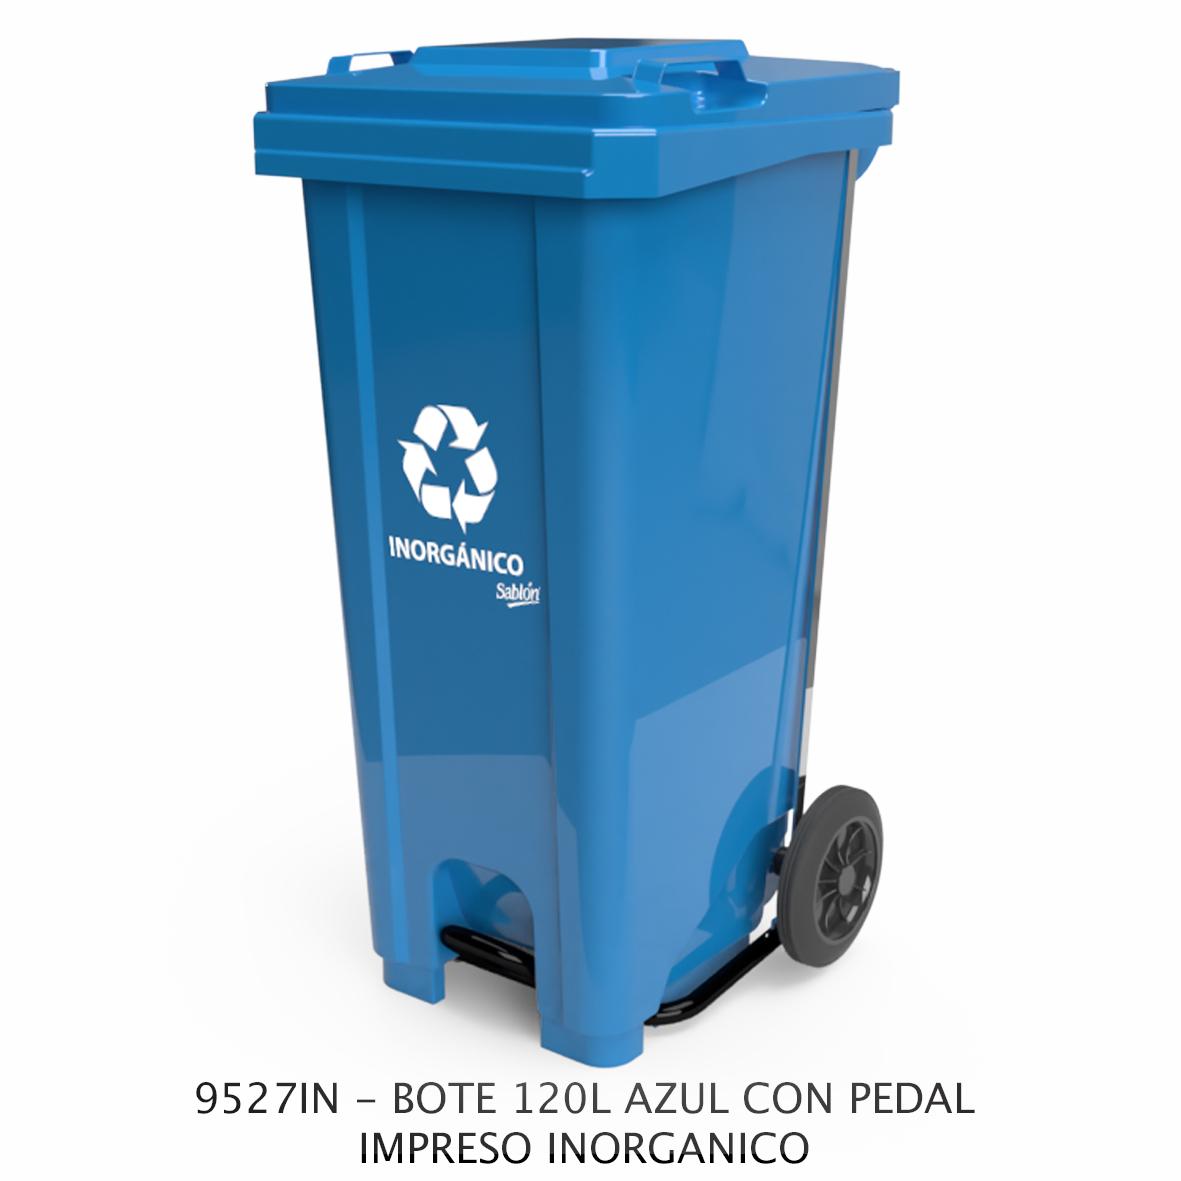 Bote de basura de 120 litros con pedal con impreso inorgánico color azul modelo 9527IN de Sablón